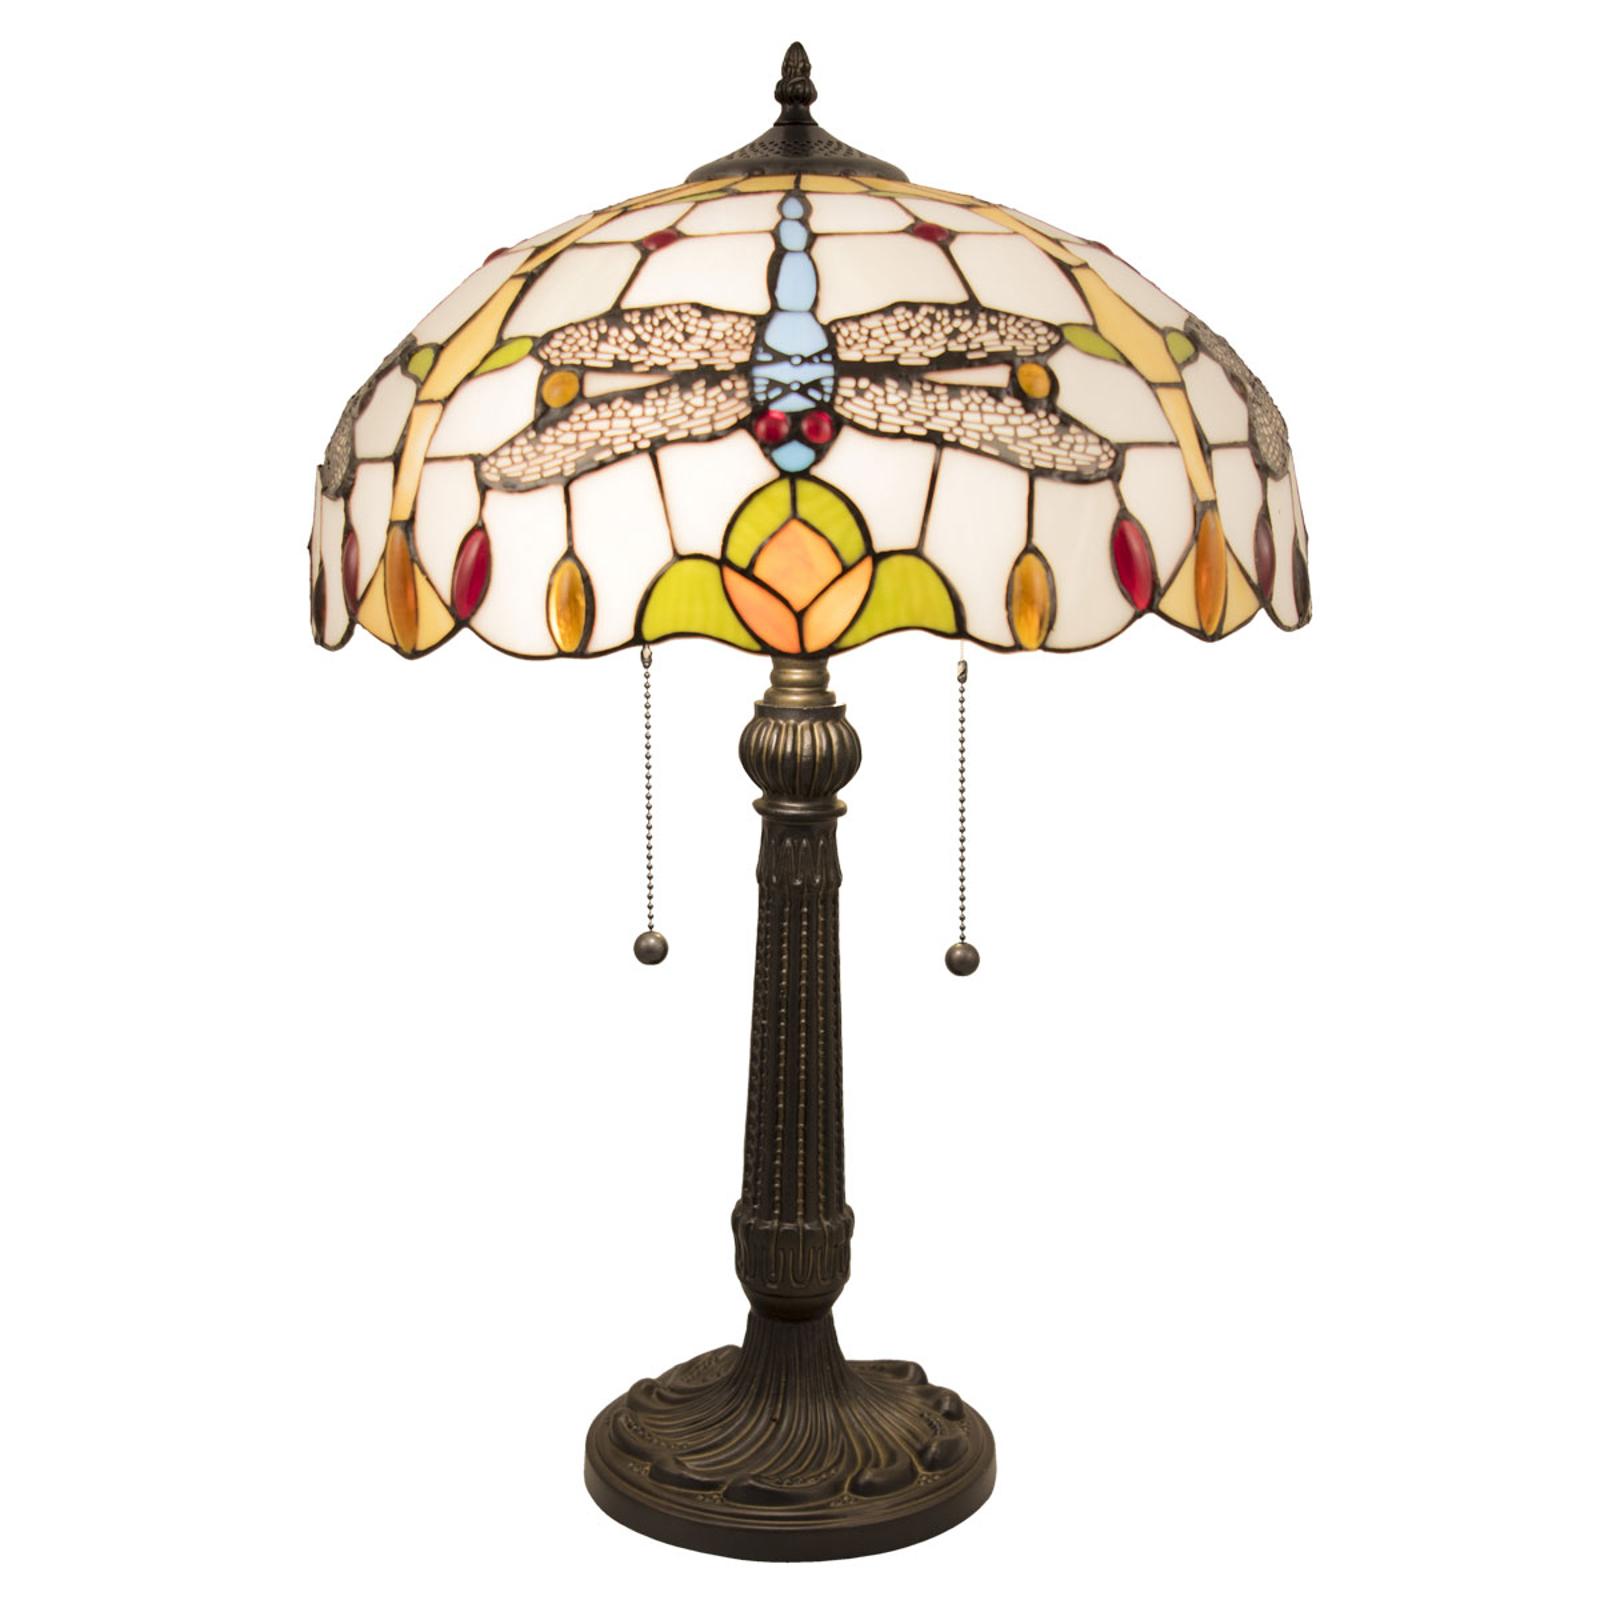 Tafellamp 5945 in Tiffany-look met Libellen